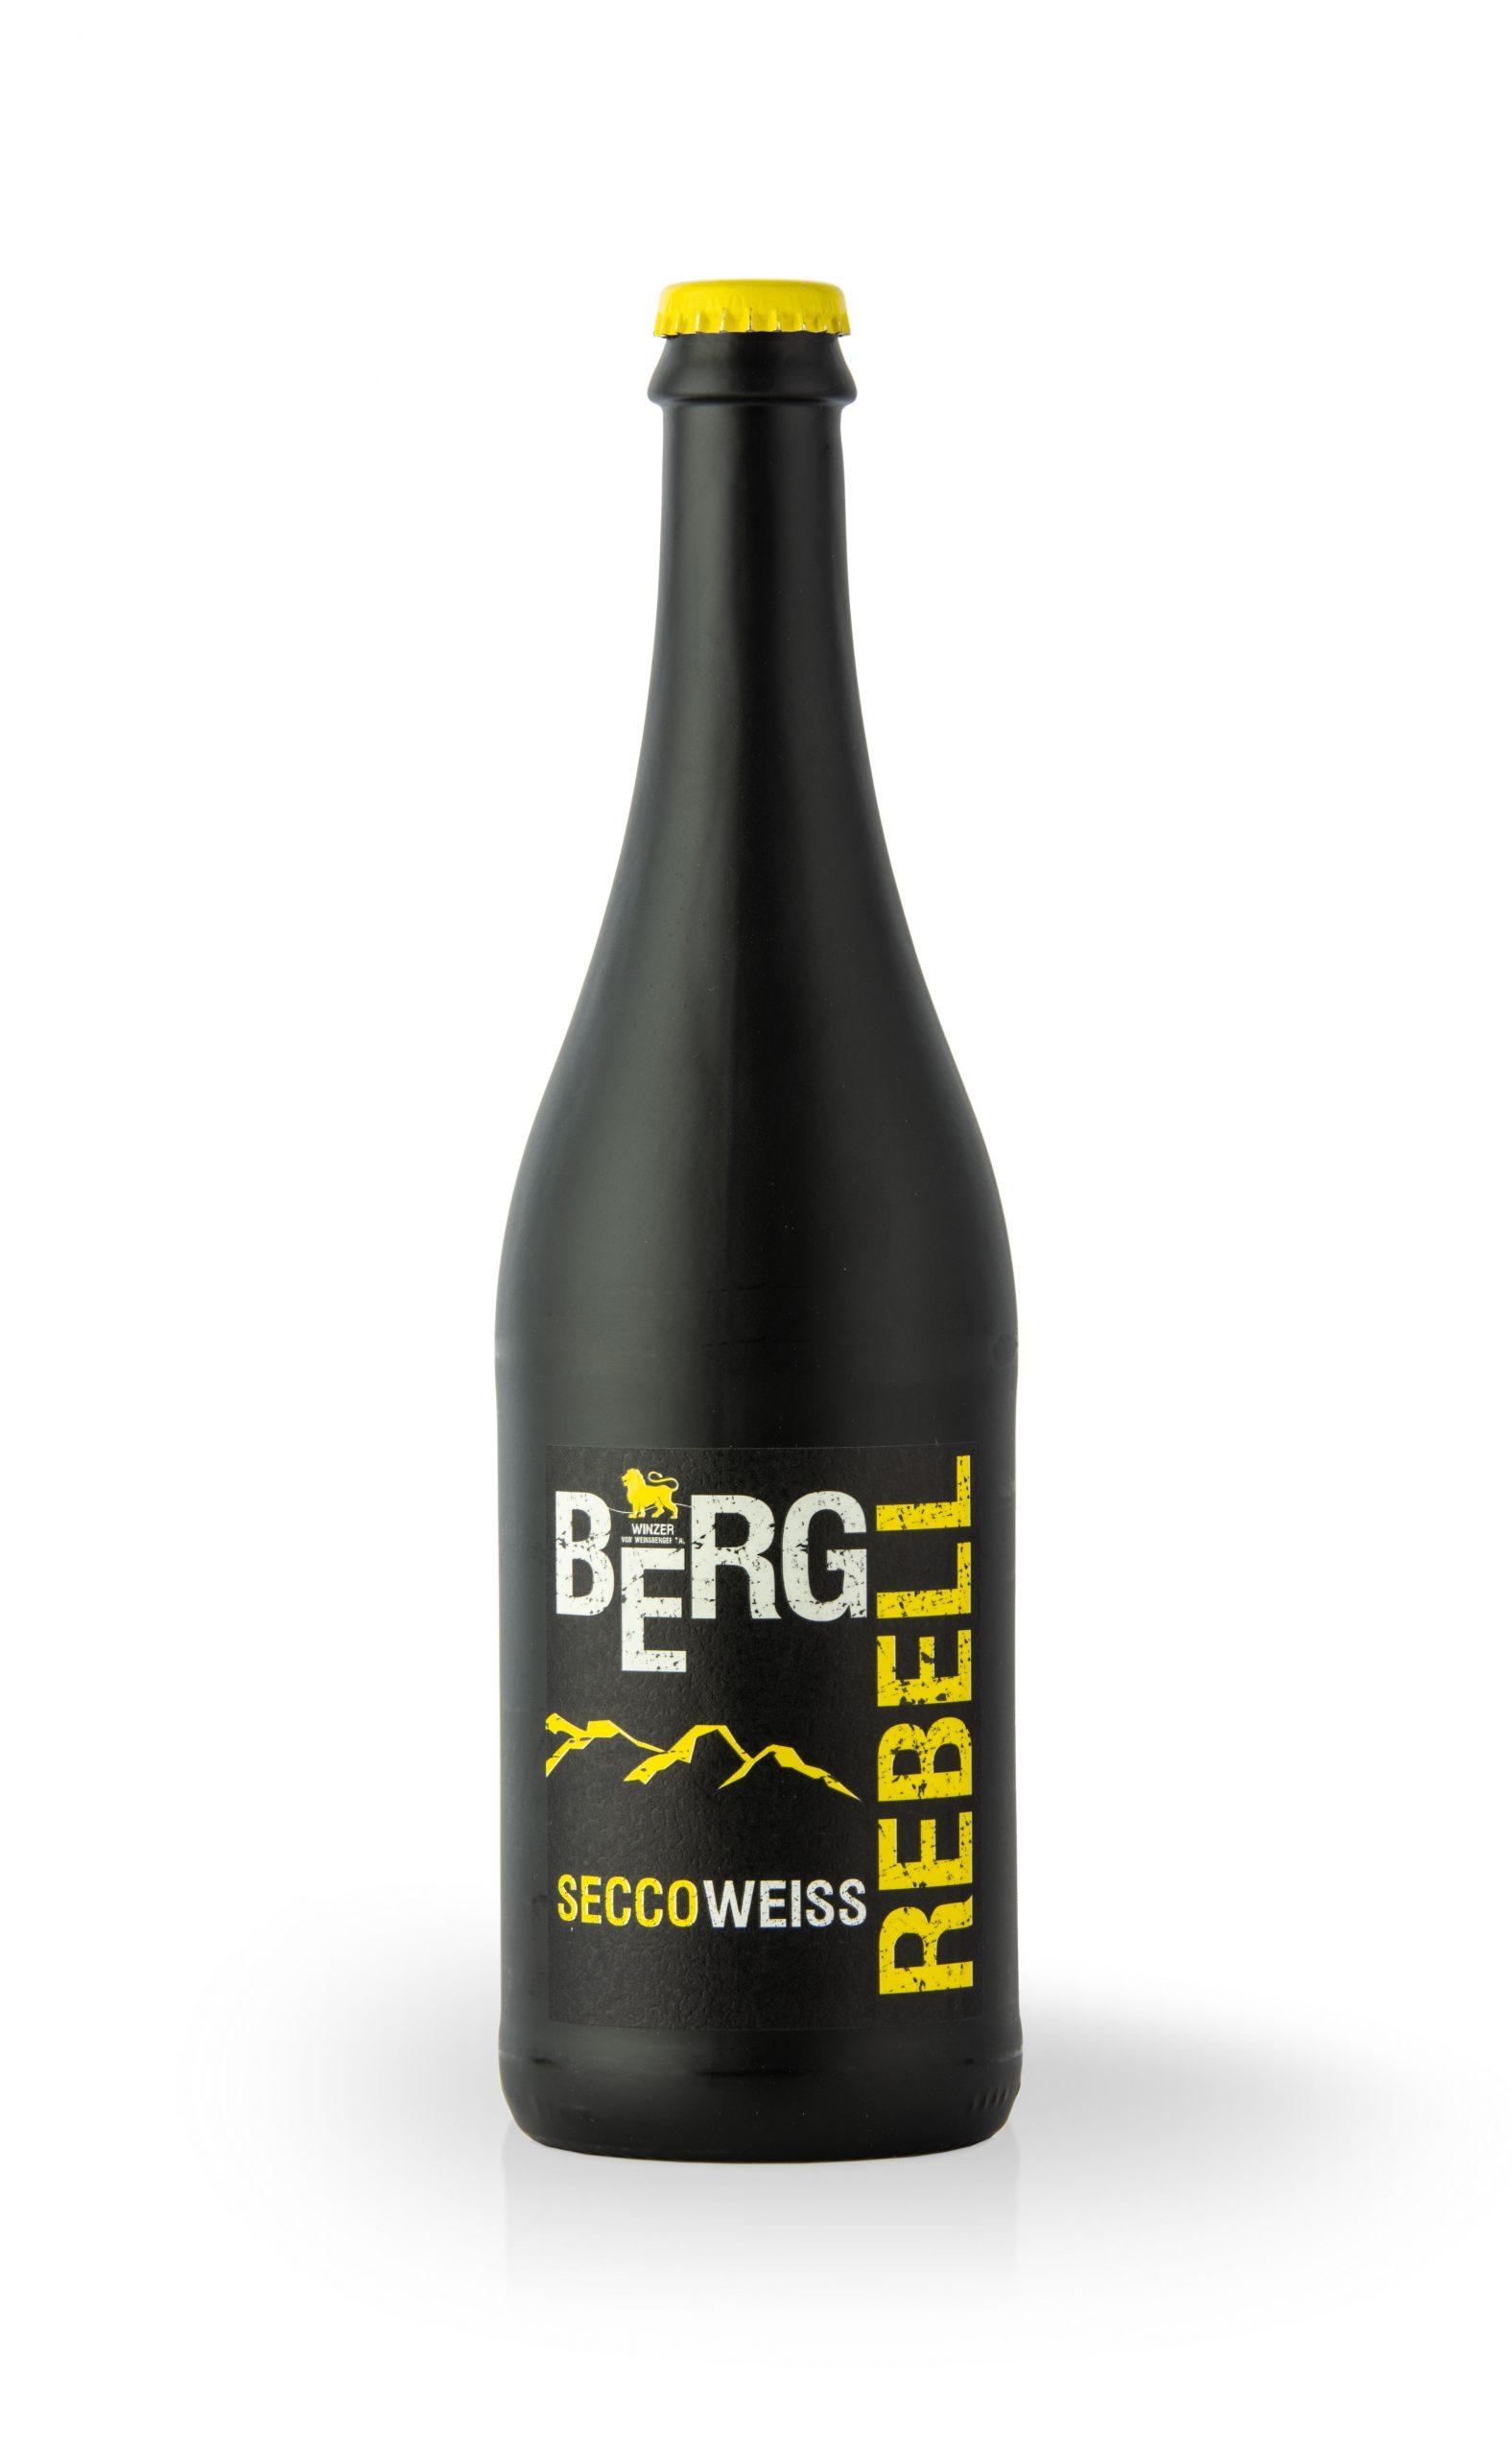 BergRebell Secco weiß der winzer vom Weinsberger Tal